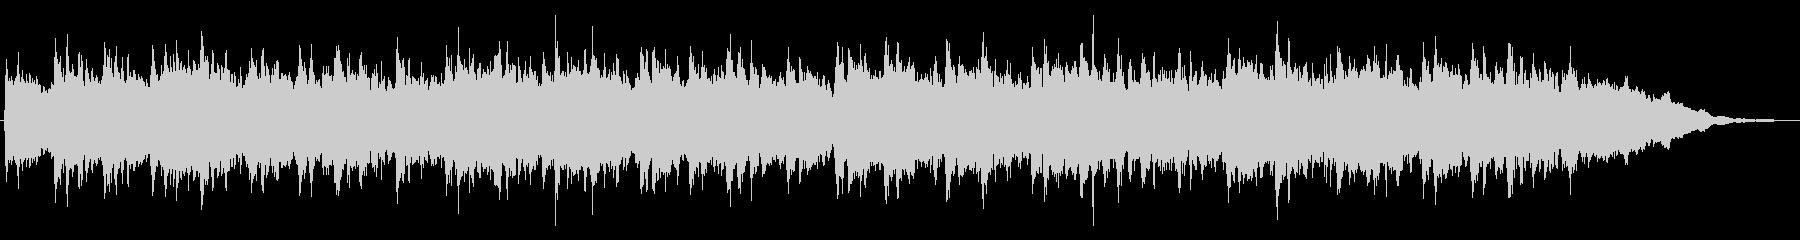 キラキラしたメルヘンチックなジングル7の未再生の波形